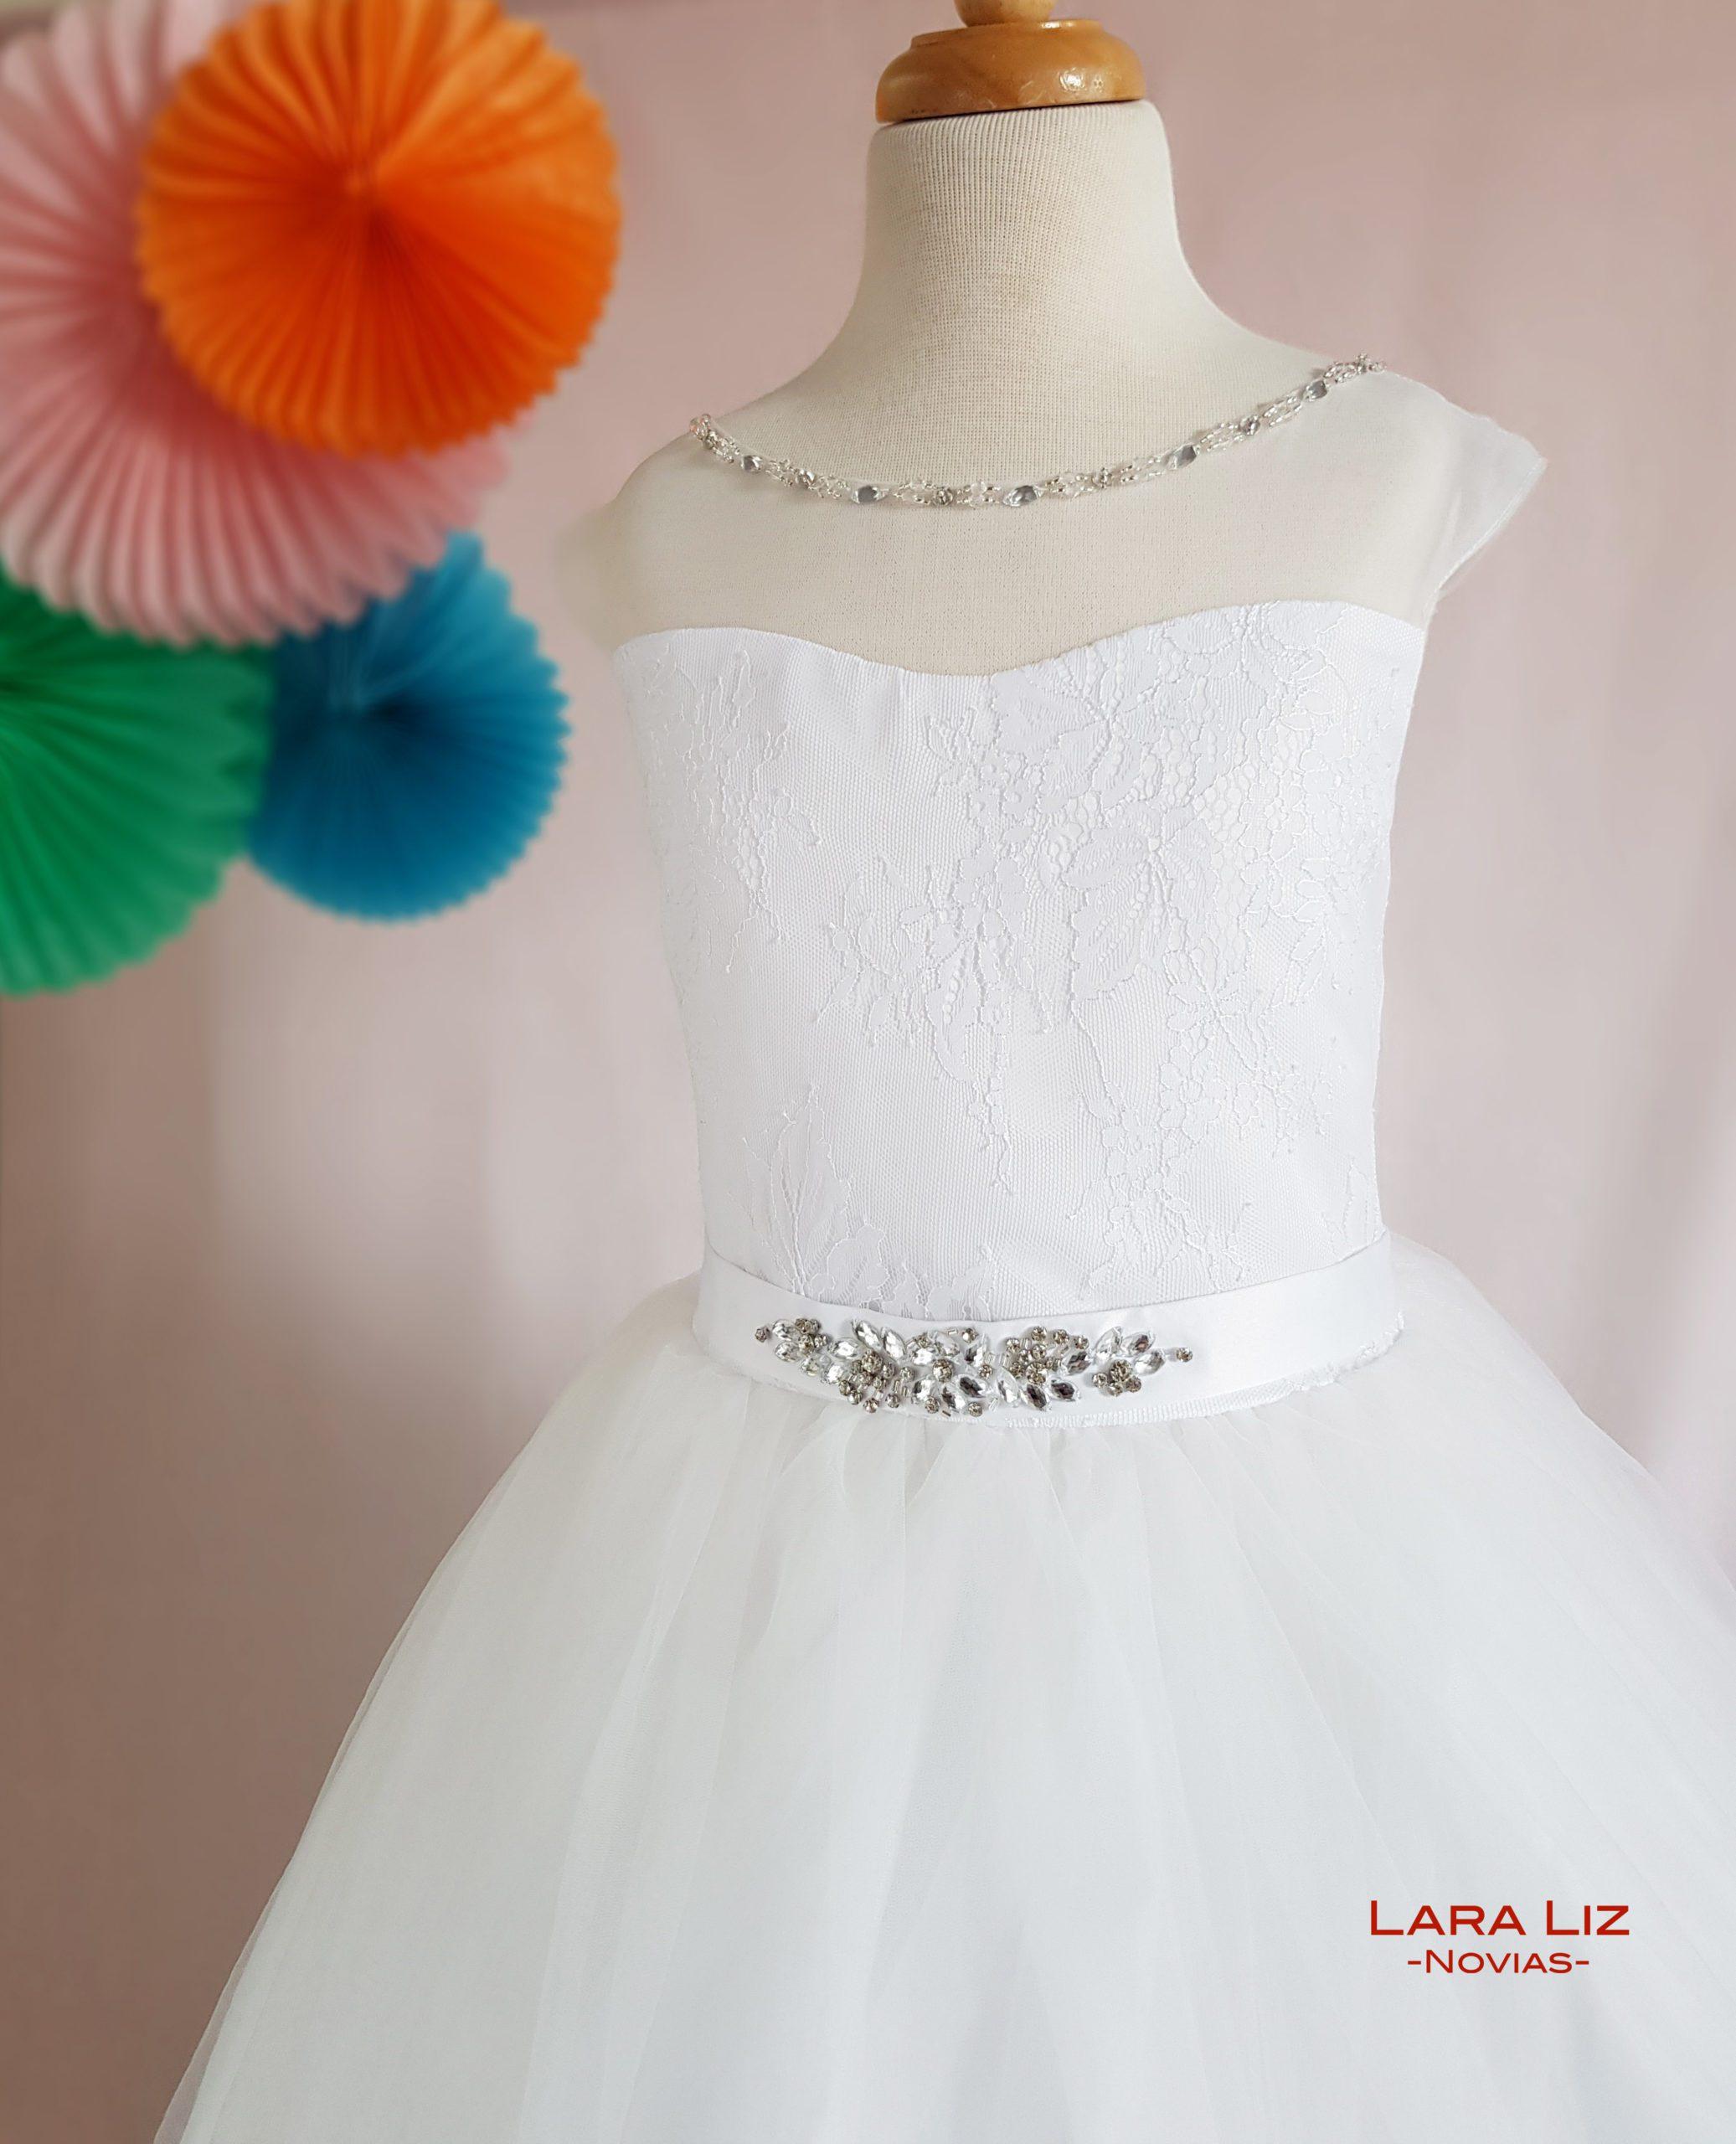 Vestido-Primera-Comunion-Largo-Costa-Rica-cinturon-cristales-scaled-1.jpg